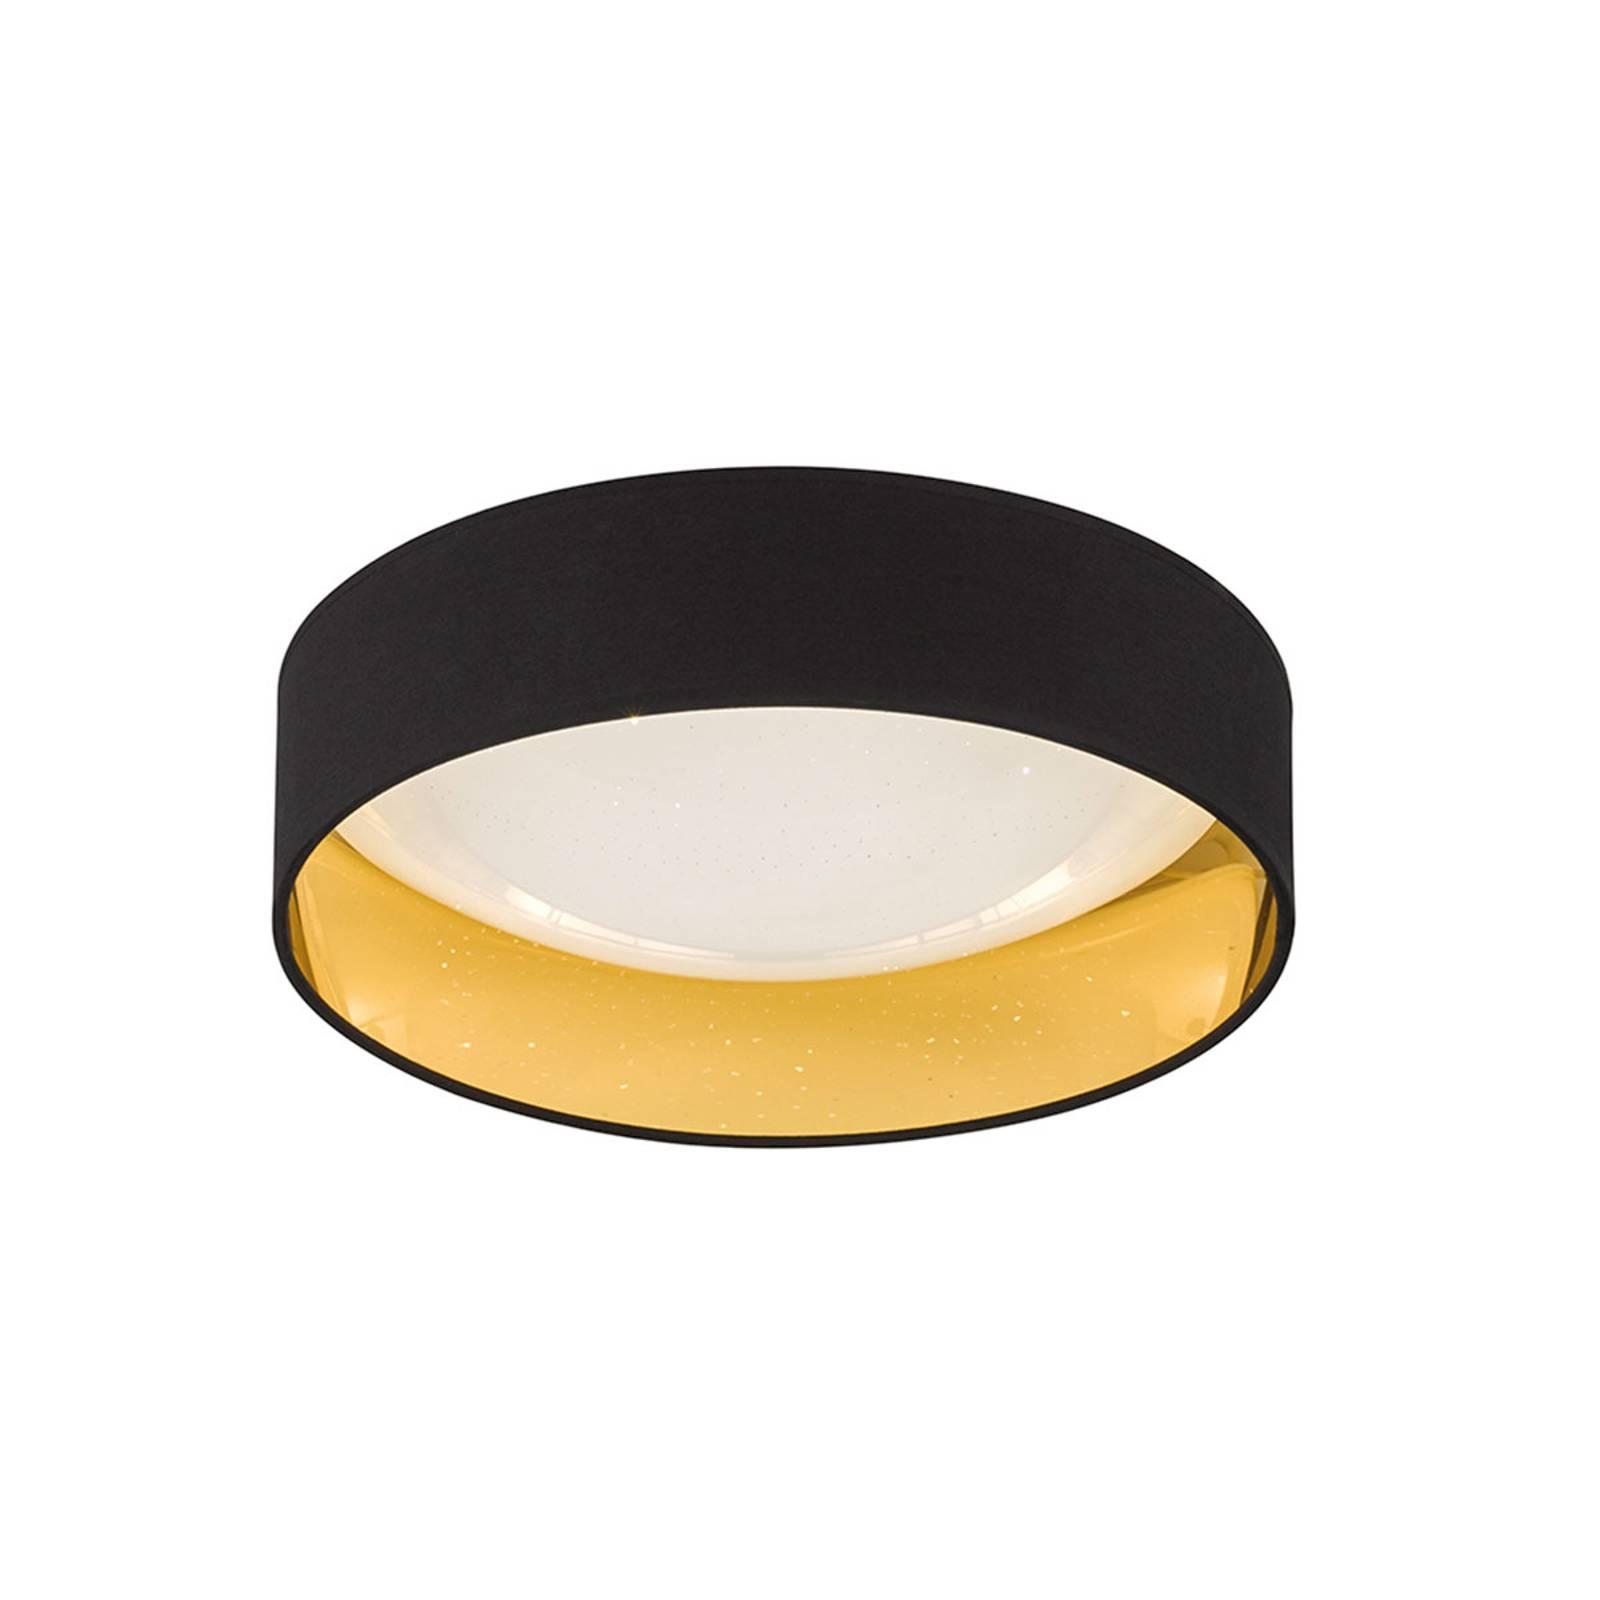 Schwarz-goldene LED-Deckenleuchte Sete Ø 40 cm